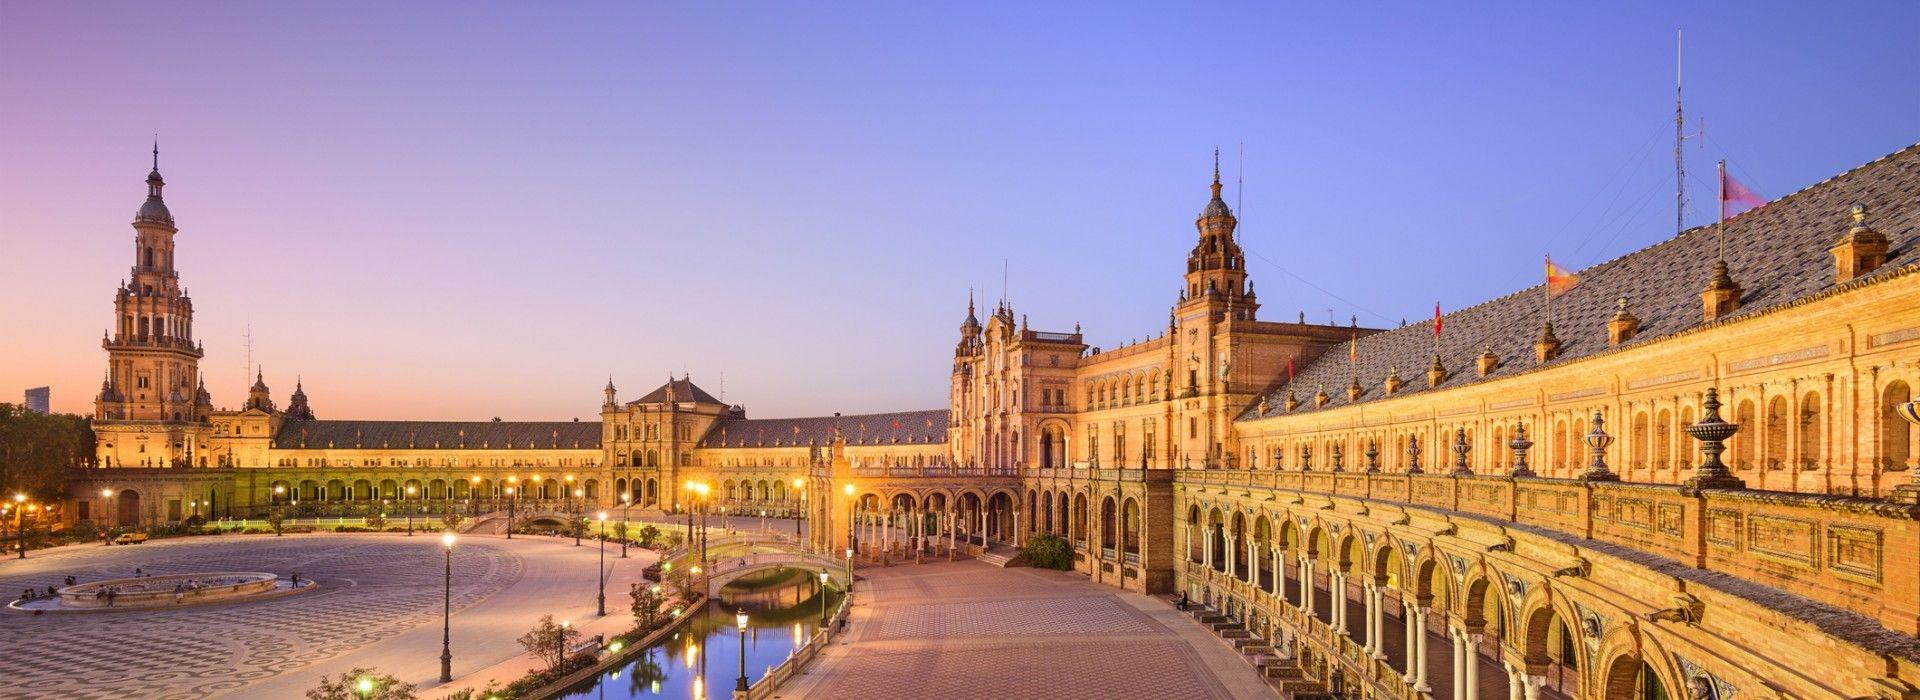 Explorer Tours in Seville